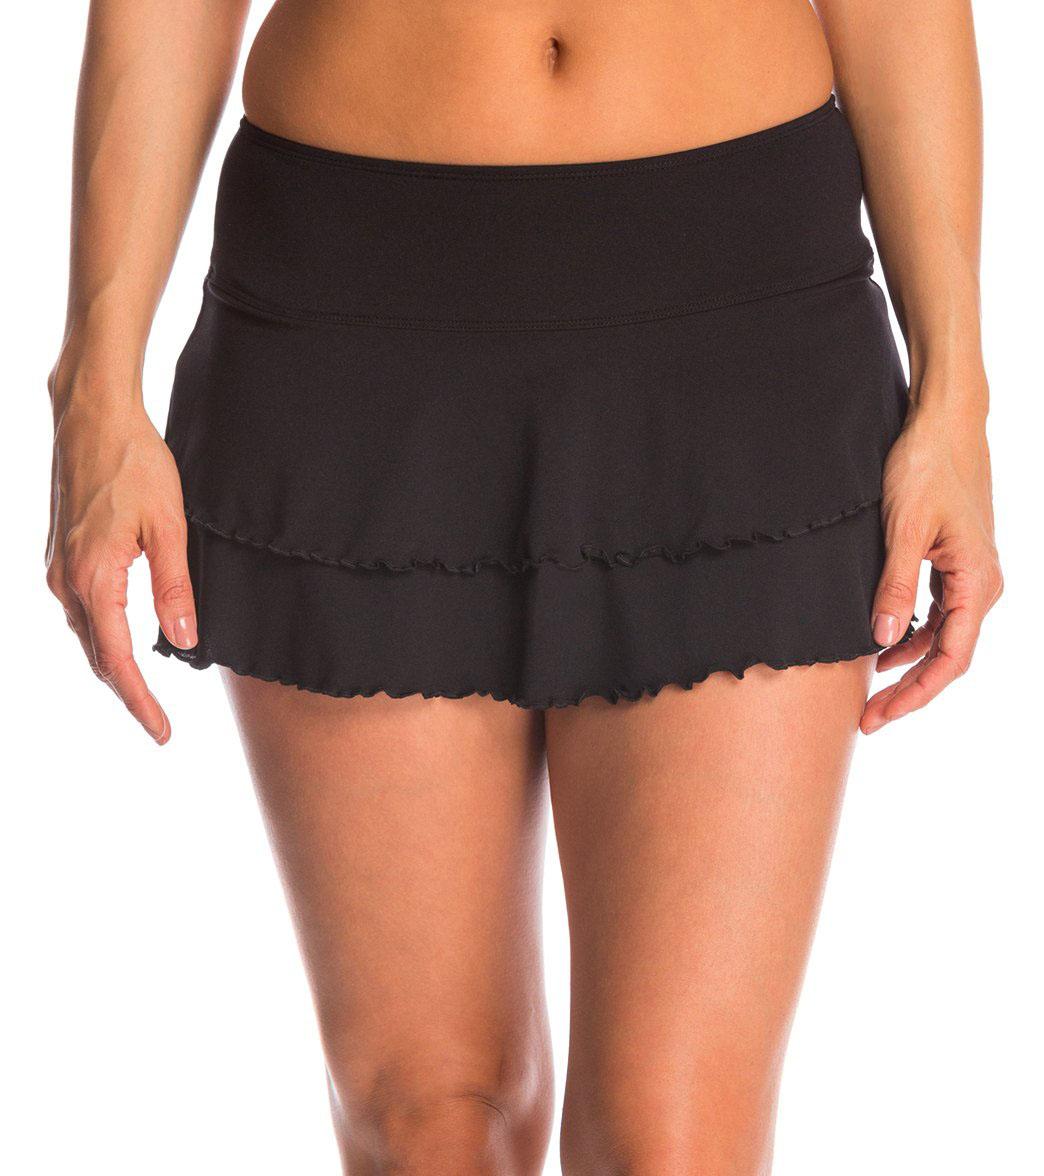 Body Glove Swimwear Smoothies Lambada Cover Up Swim Skirt at SwimOutlet.com